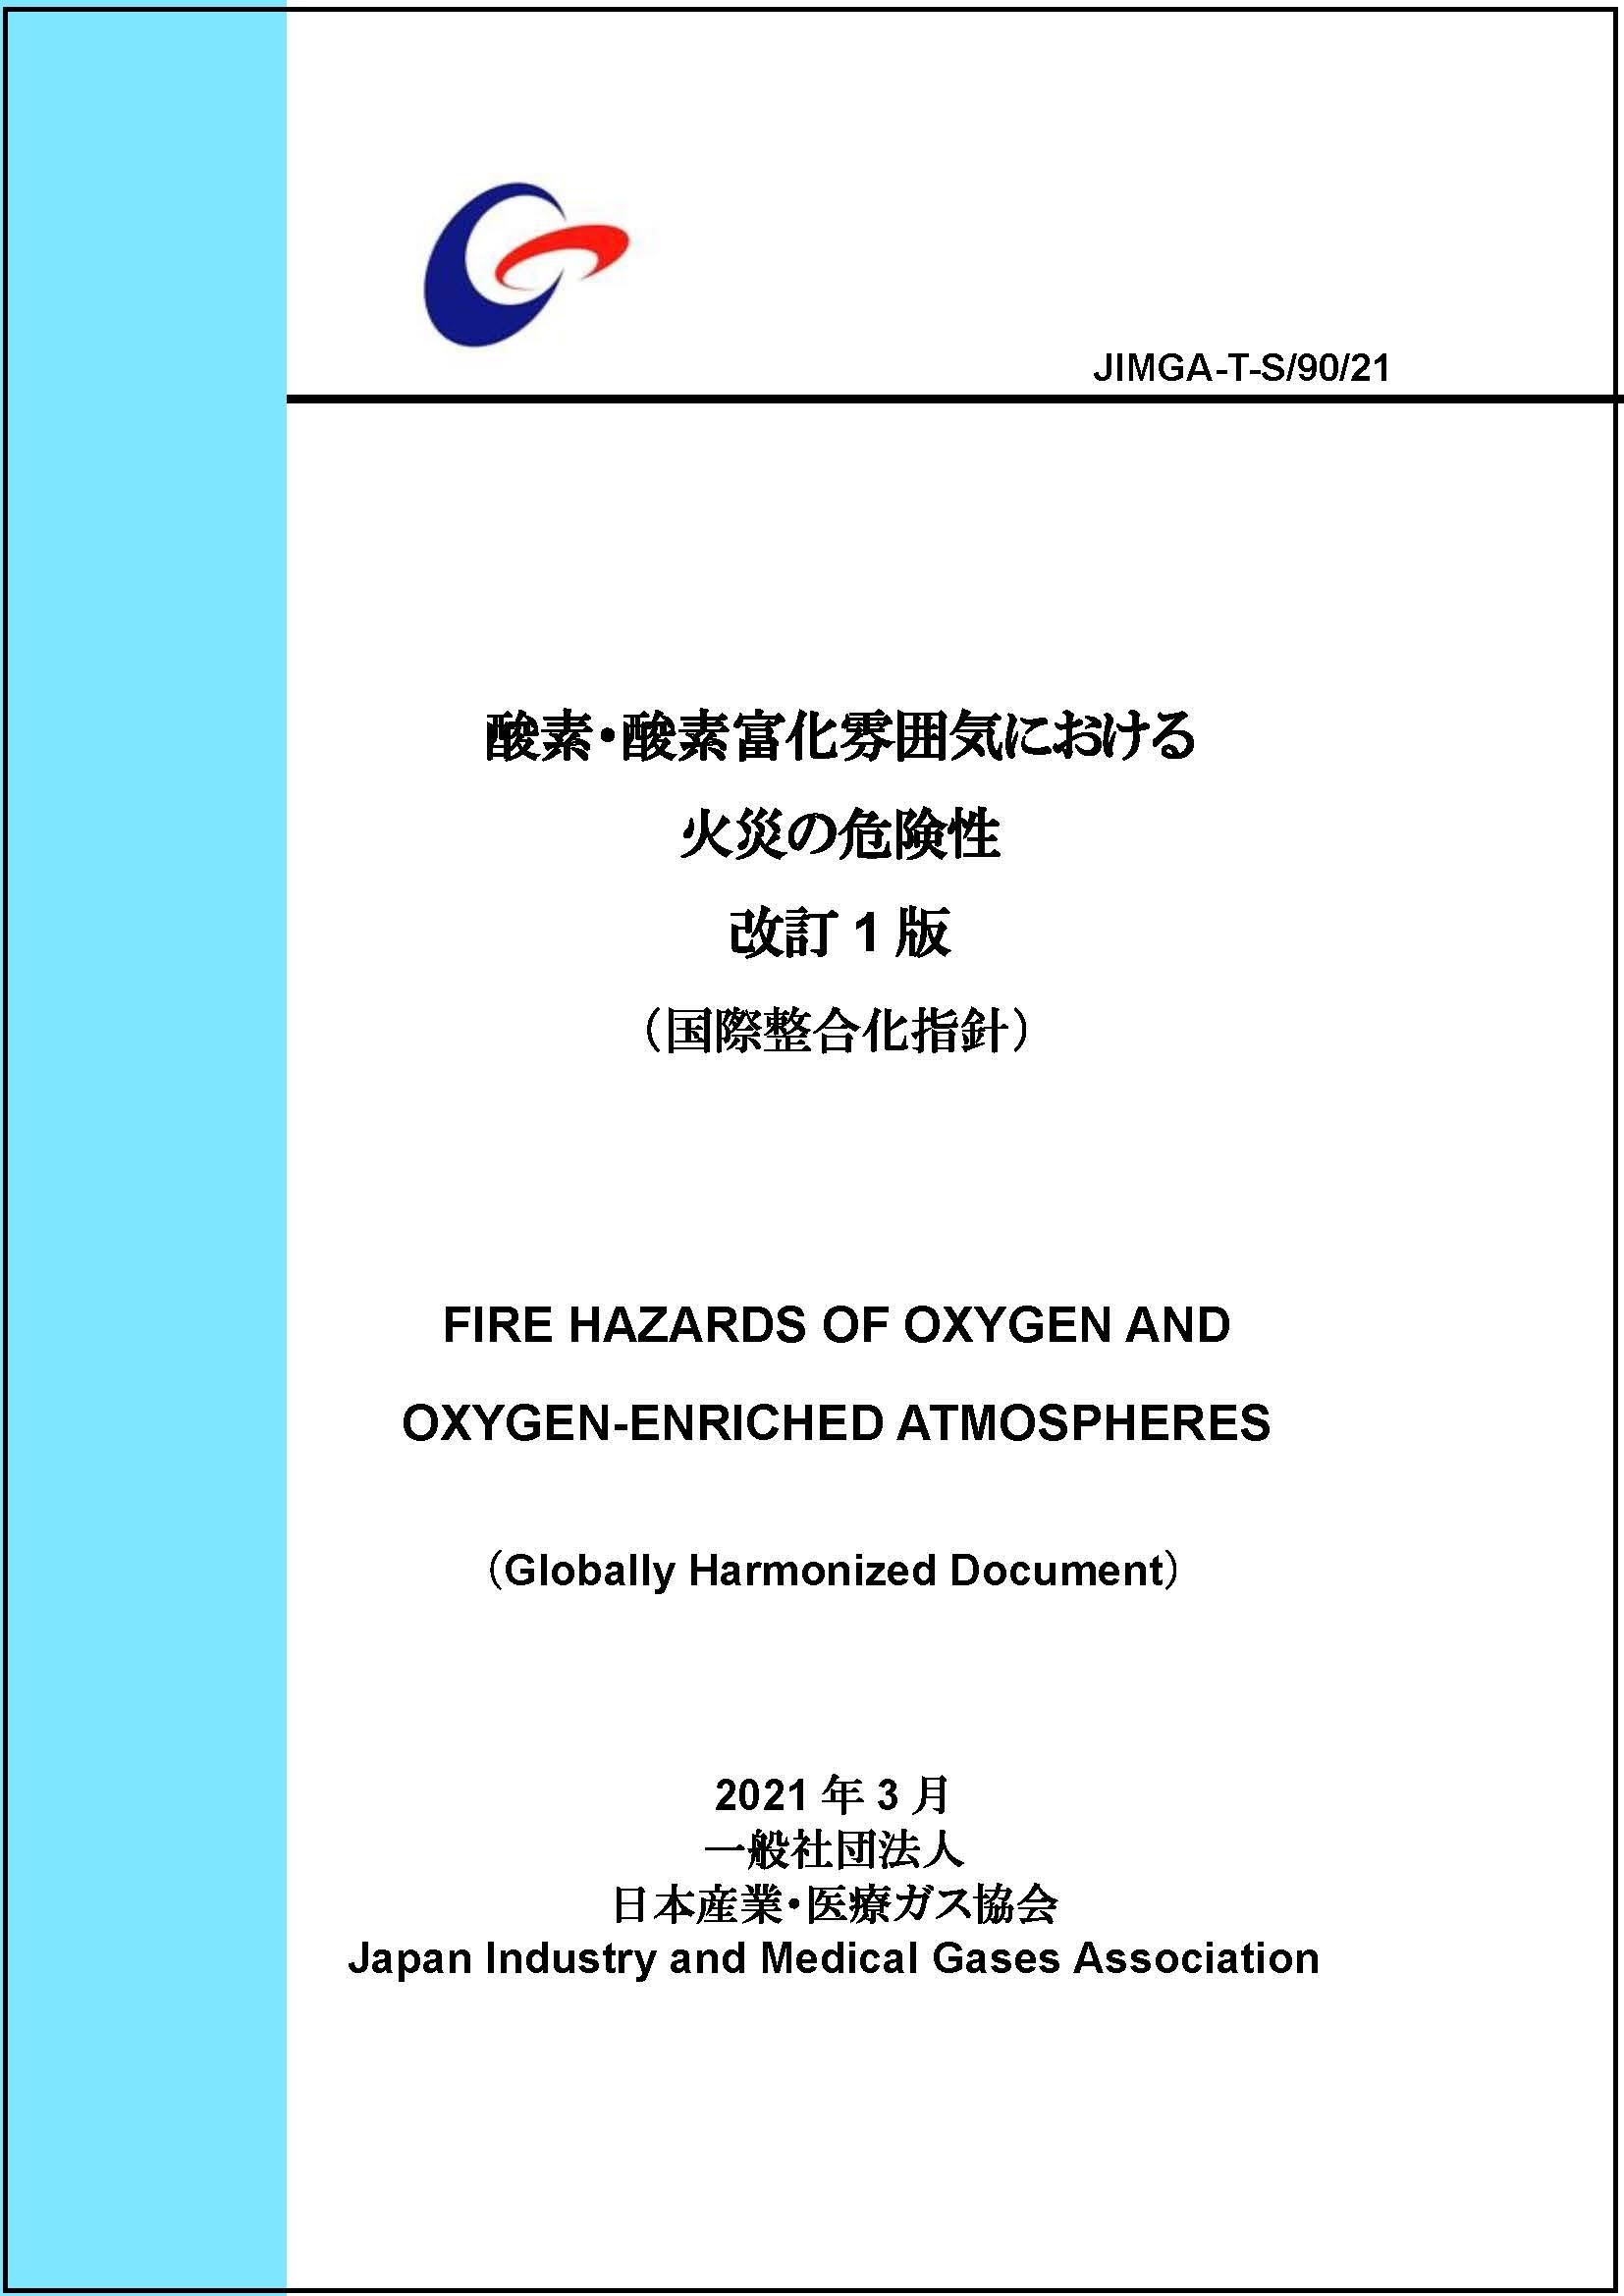 酸素・酸素富化雰囲気における火災の危険性